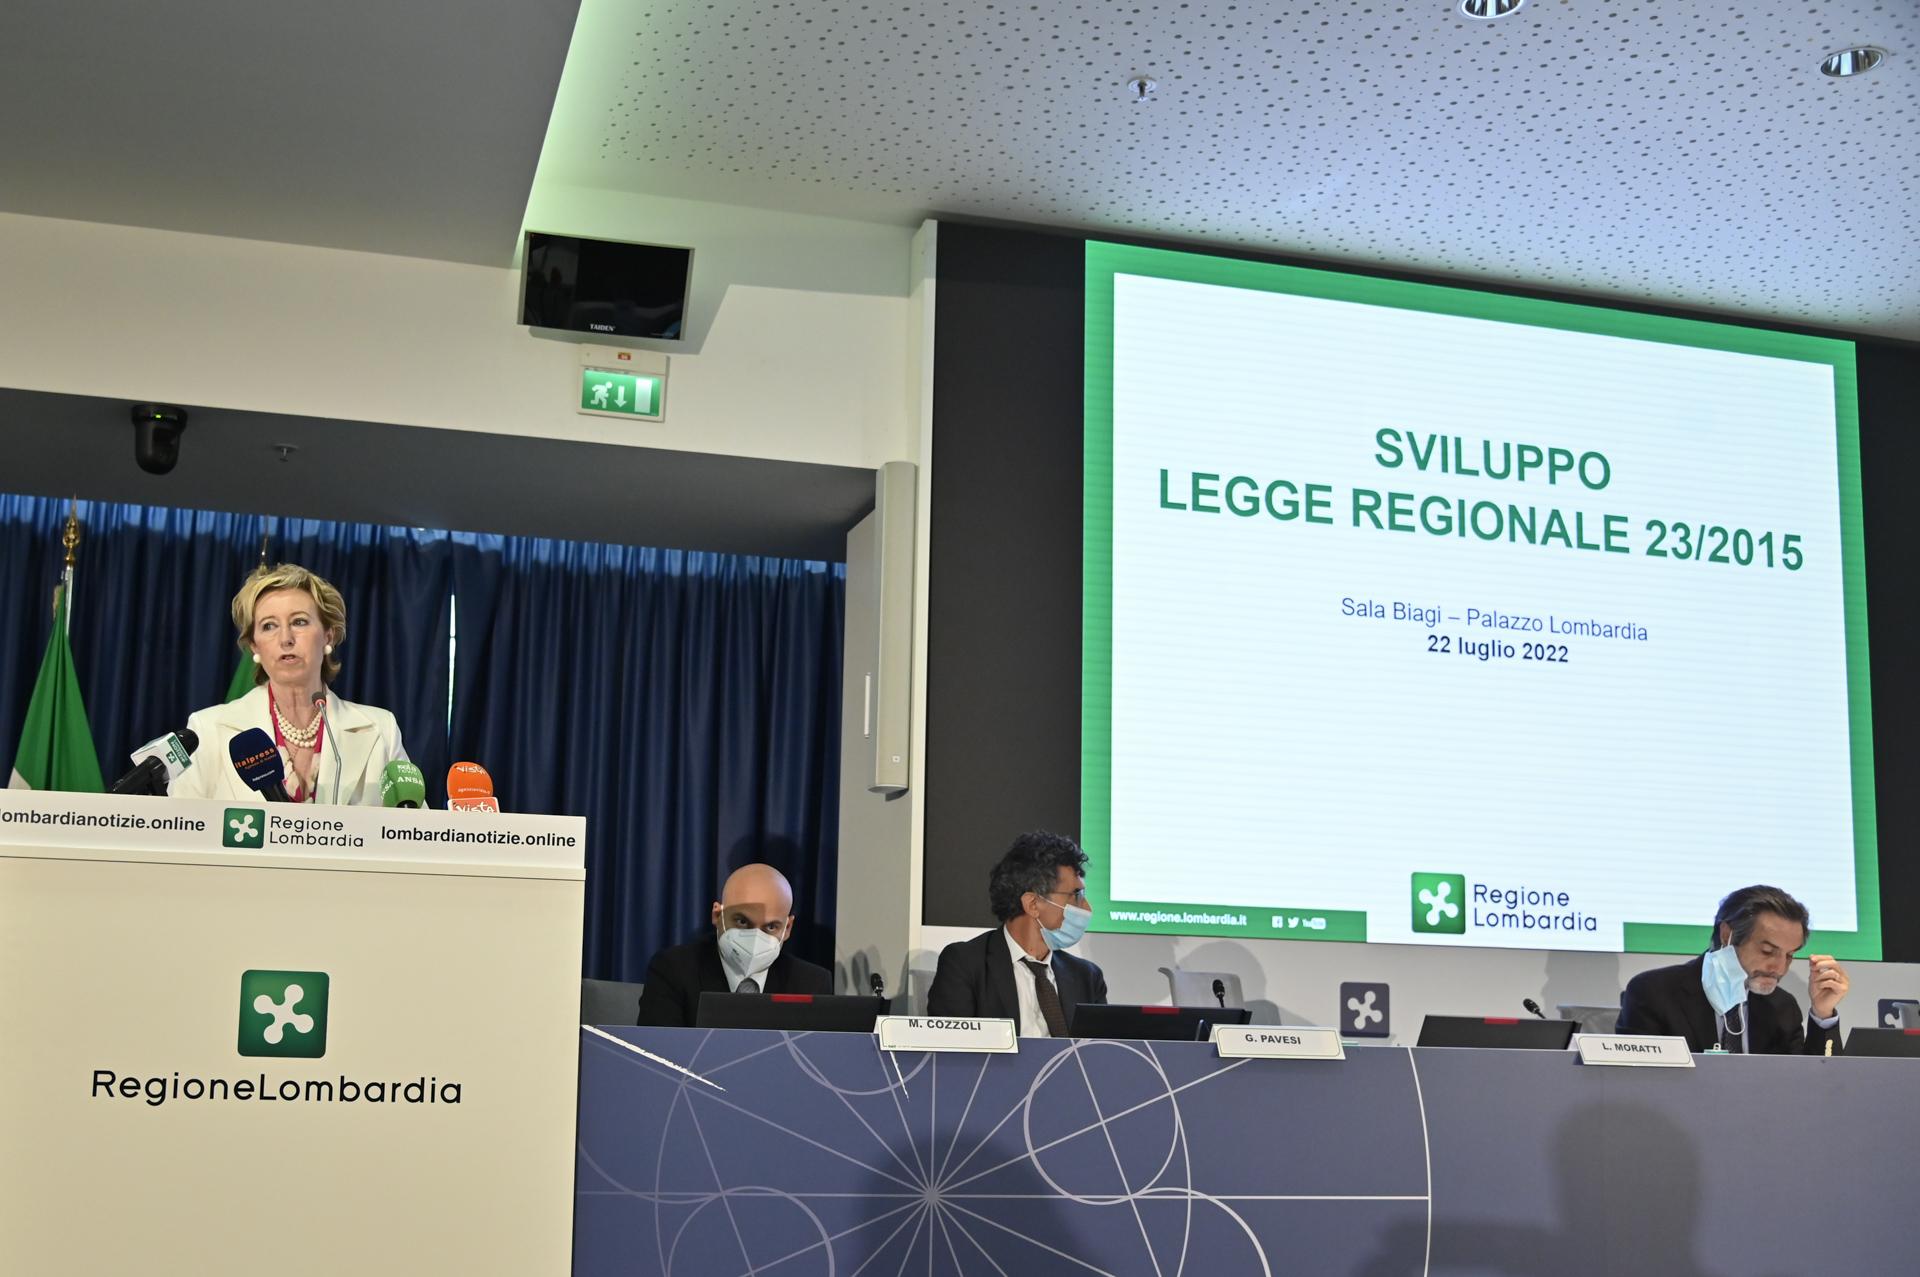 Revisione legge sanitaria lombarda, Letizia Moratti illustra i contenuti